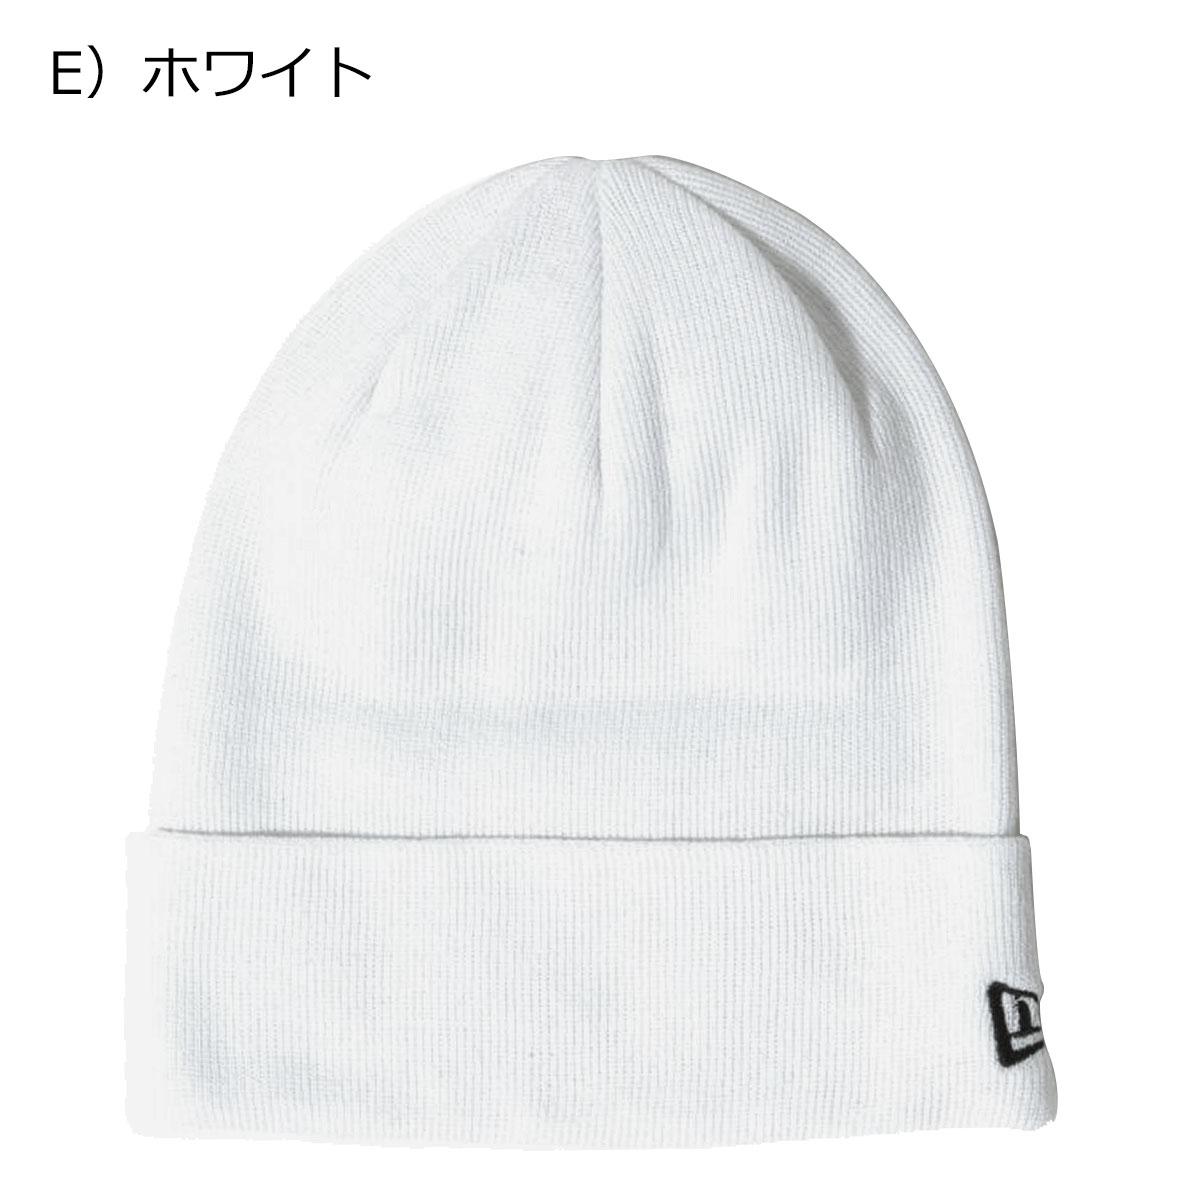 E)ホワイト